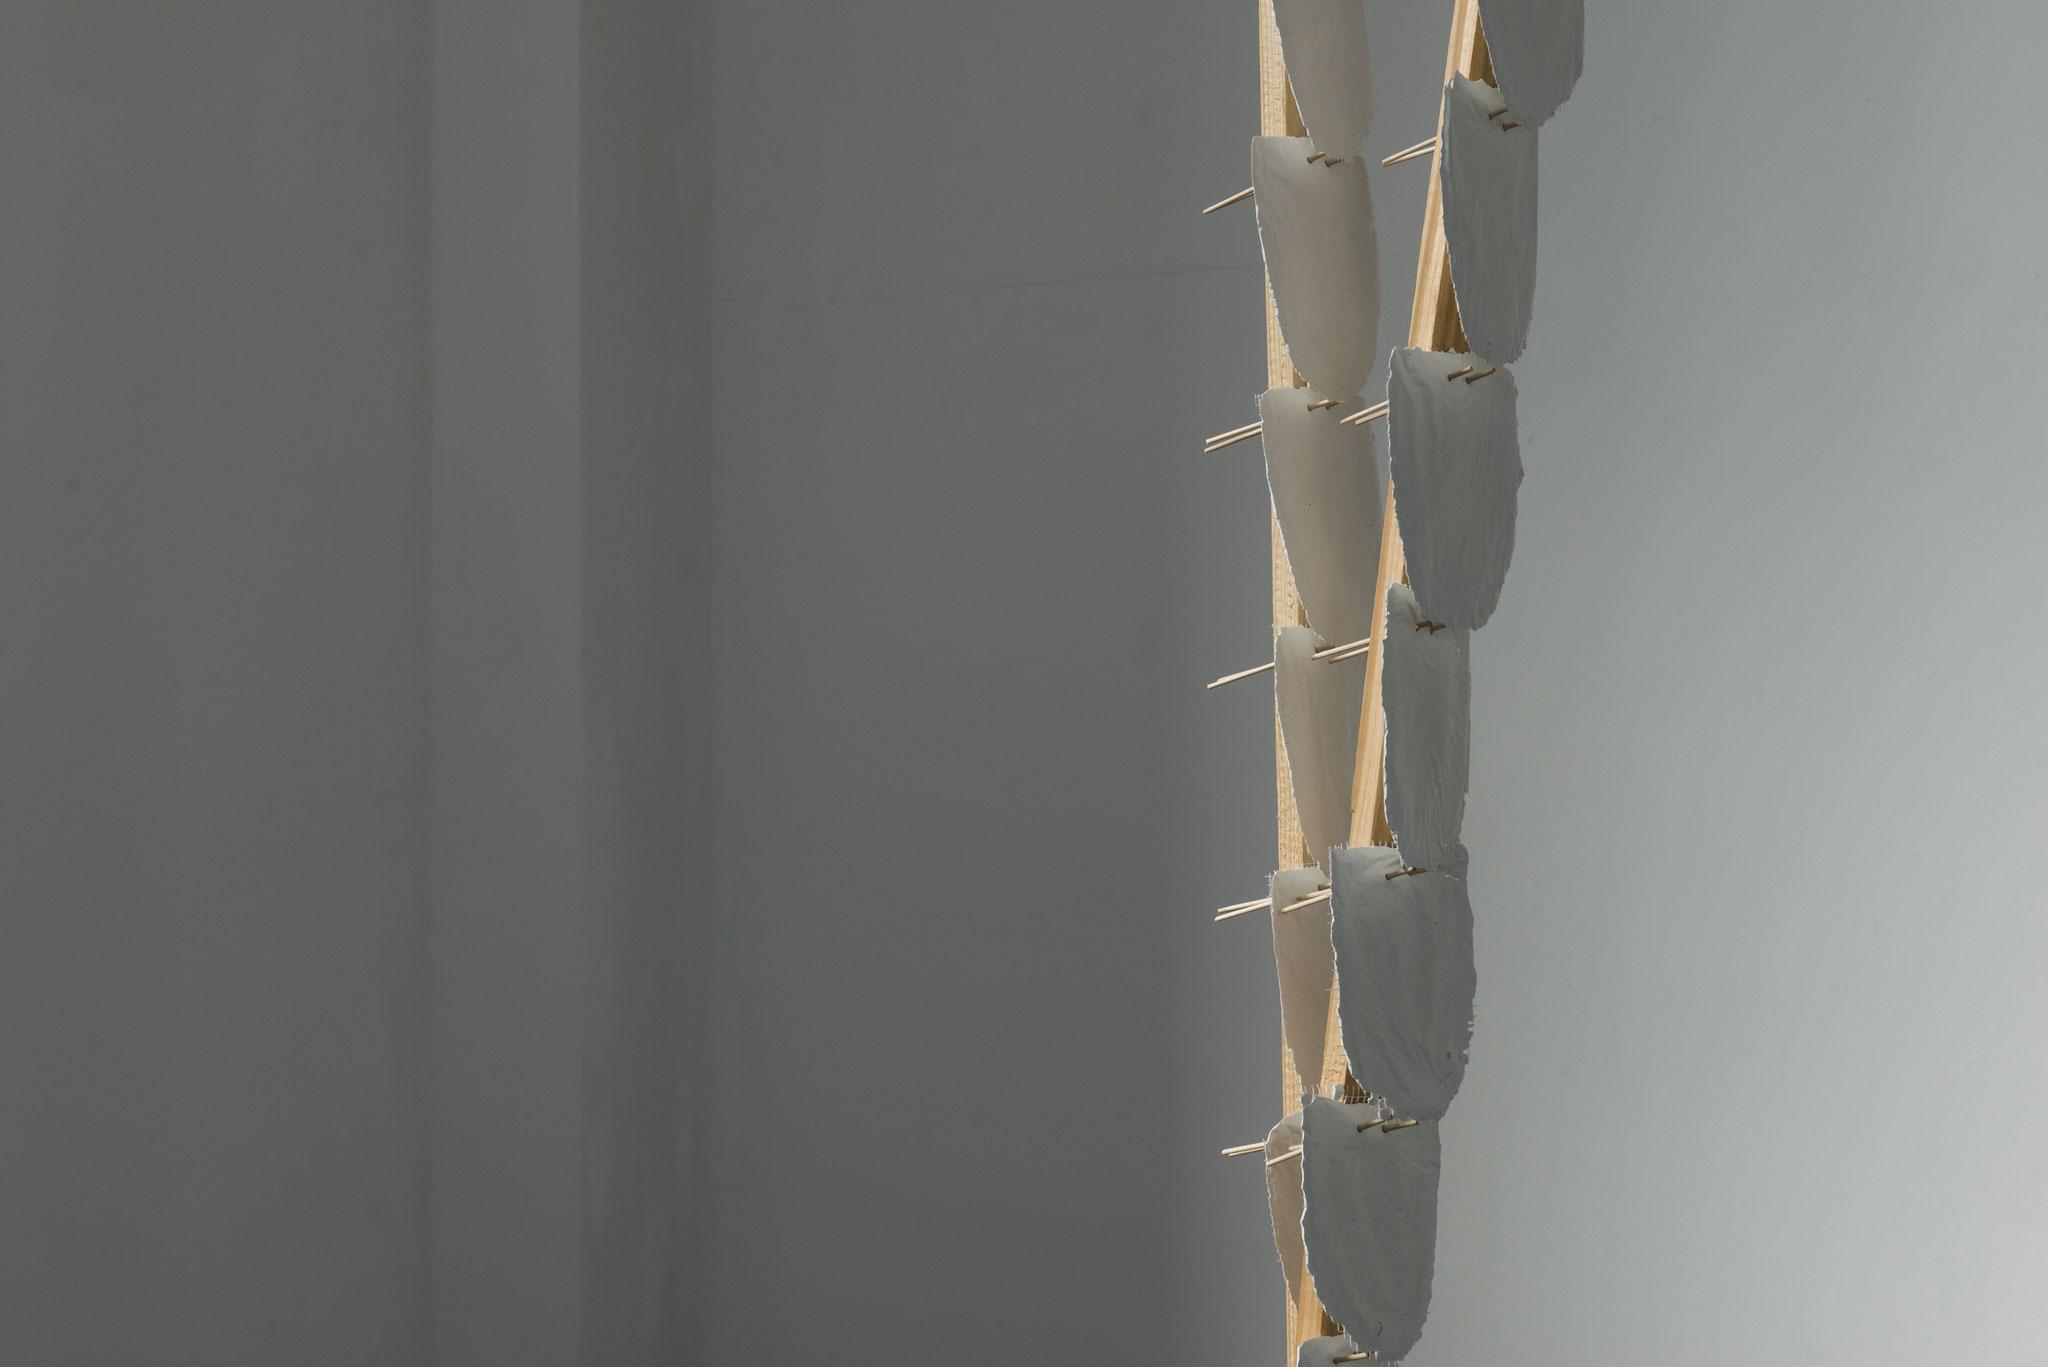 Elfenbeinturmvorrichtung Nr2_Holz, Gewebe,Zement,Stoff, Steine_einzelnes Element 300 x 75 x 30 cm_2017_Foto: Gabi Rottes